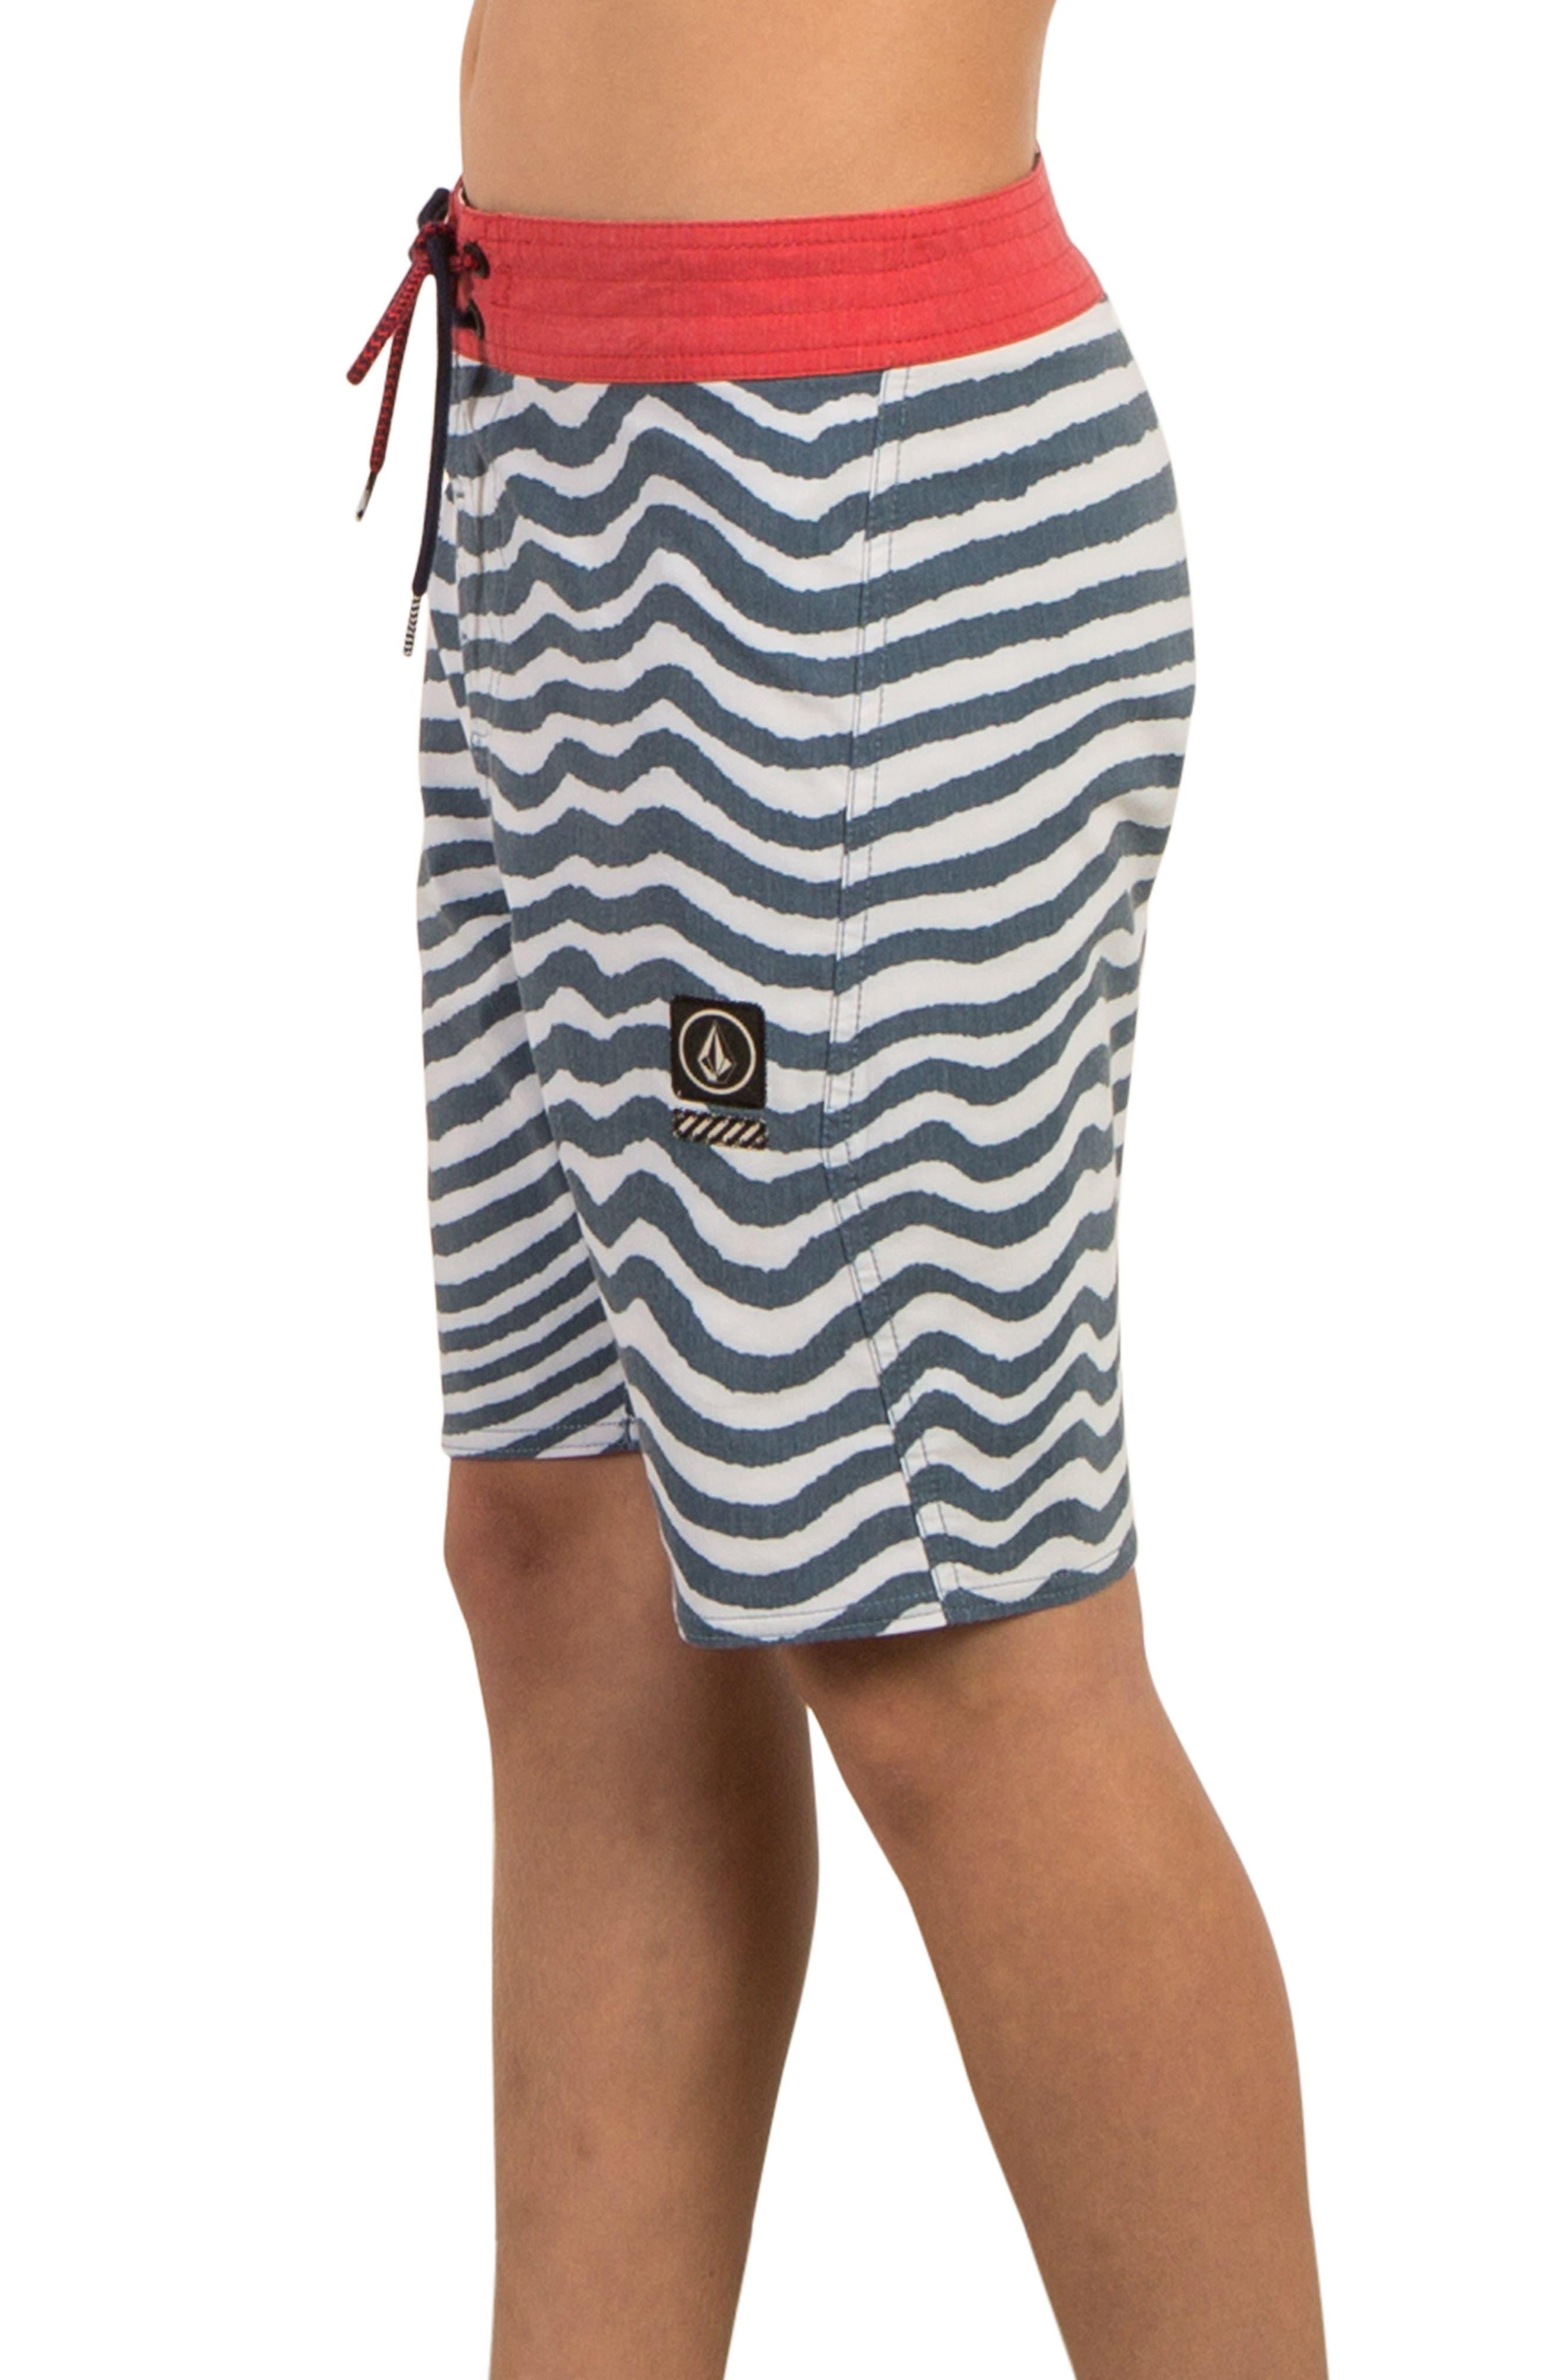 Mag Vibes Board Shorts,                             Alternate thumbnail 3, color,                             Indigo